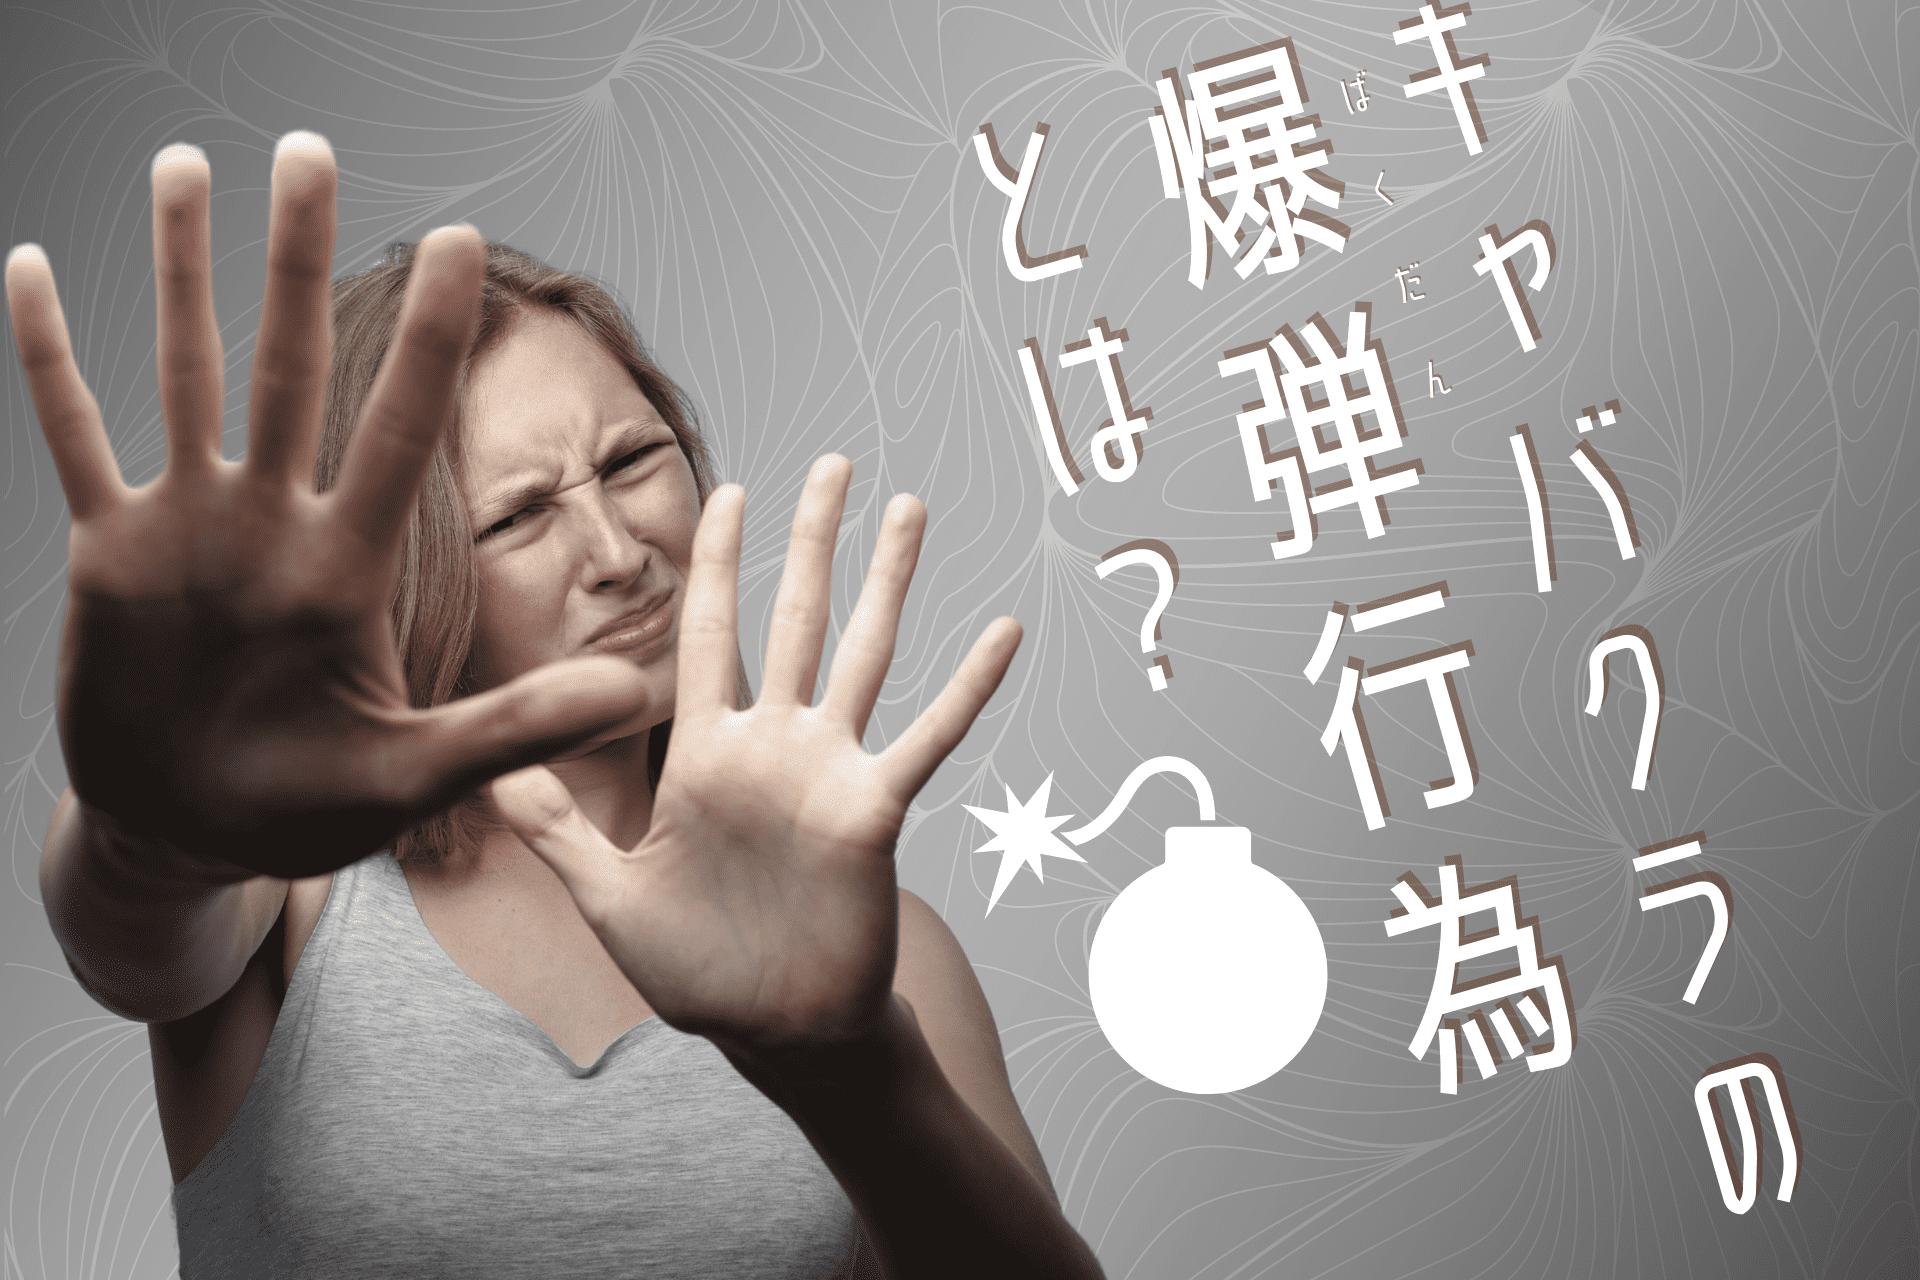 """キャバ嬢の""""爆弾""""(バクダン)とは?気を付けるべき禁止・NG行為を解説!"""